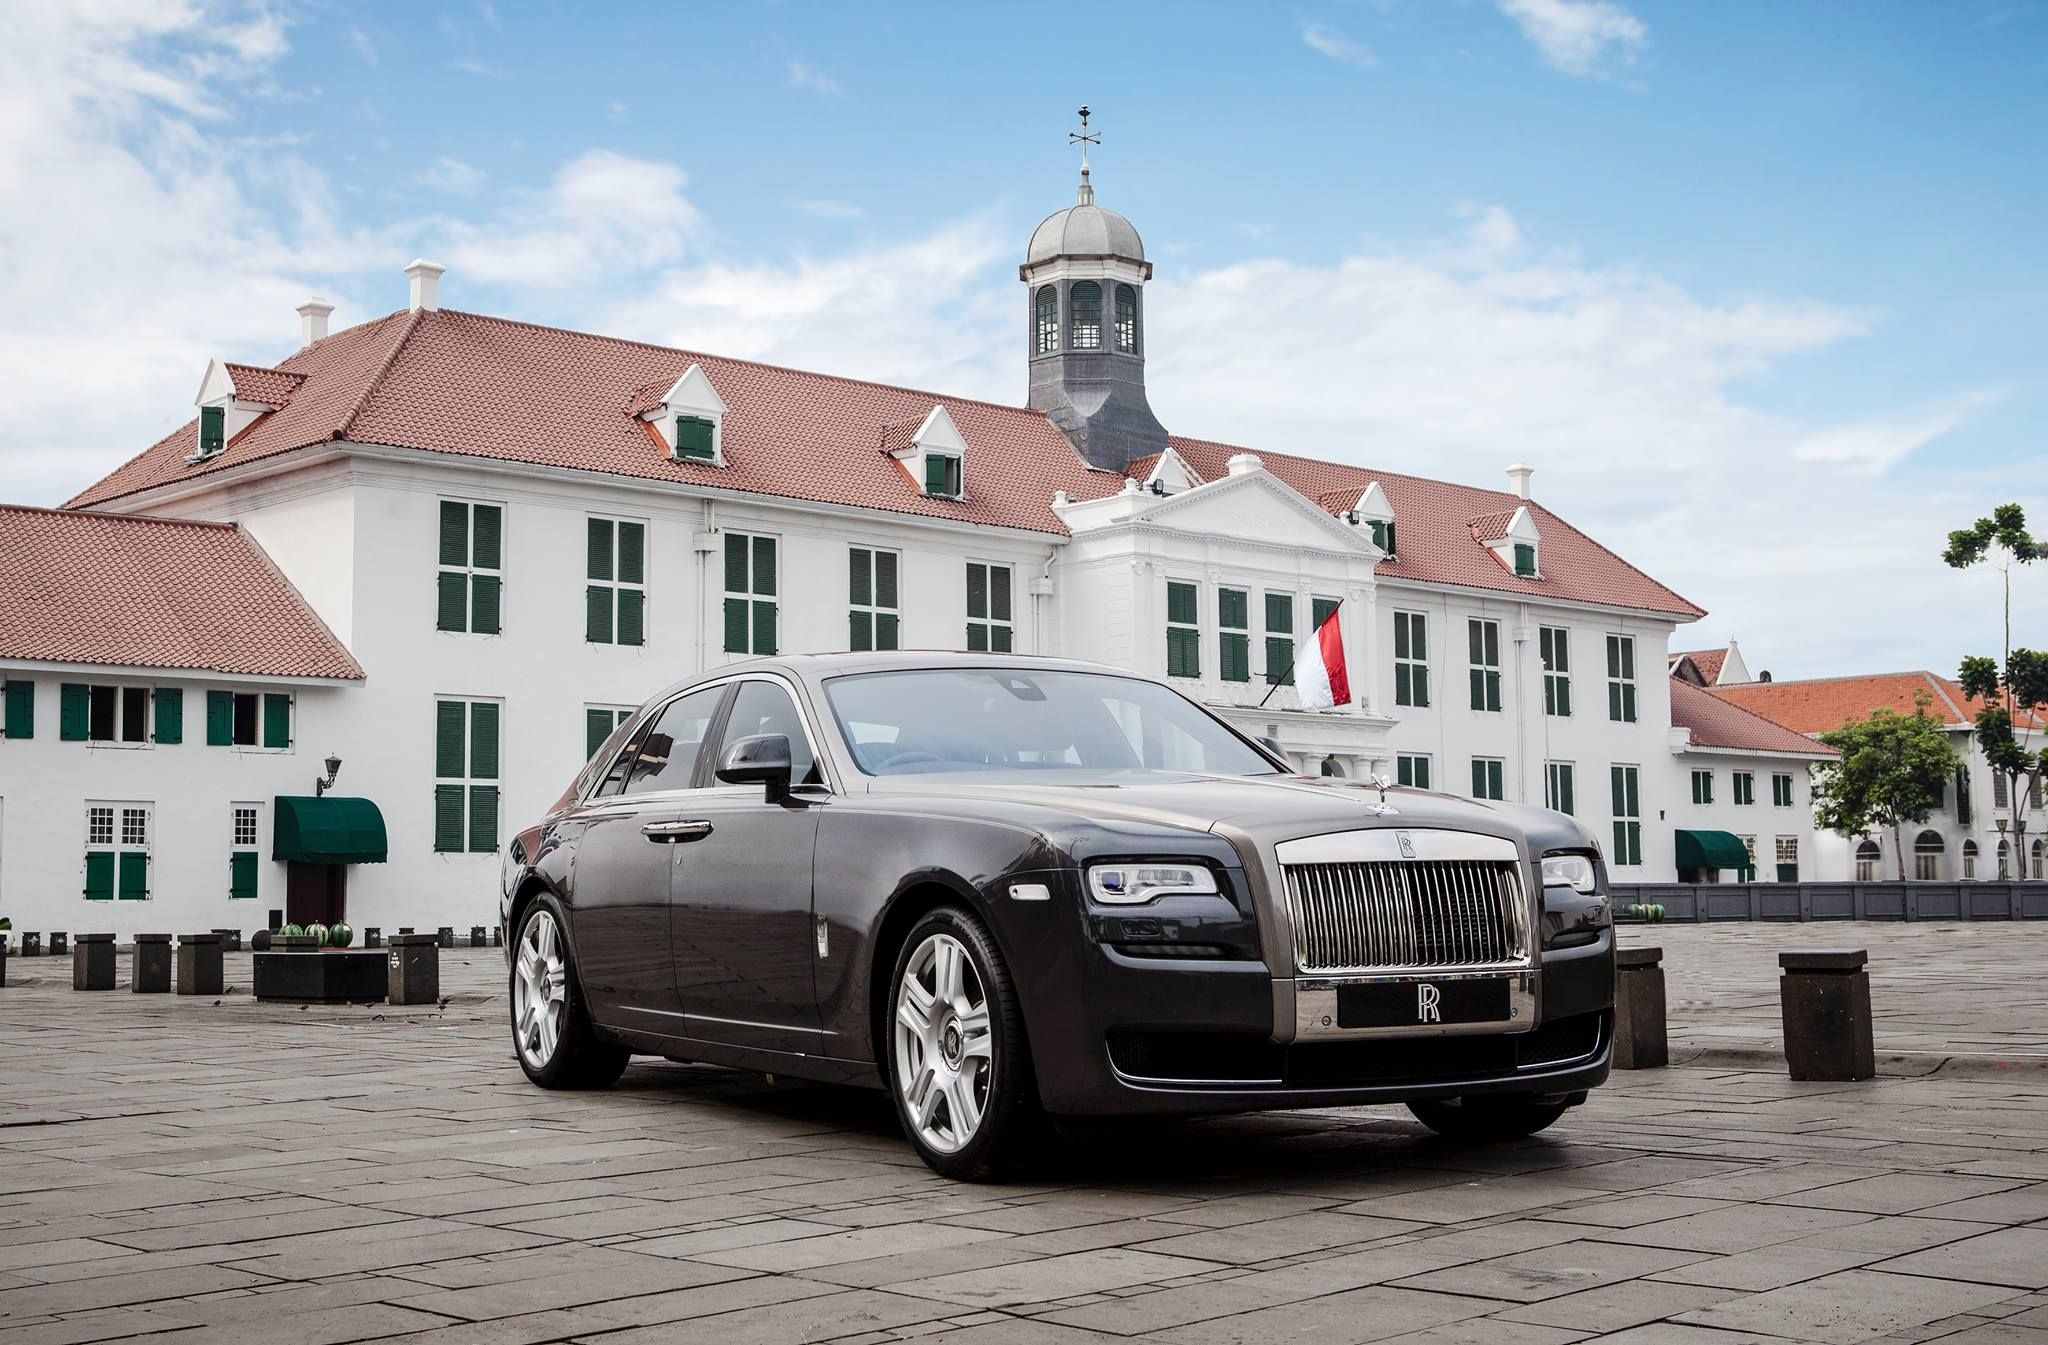 Rolls Royce Ghost Ii Rolls Royce Rolls Royce Motor Cars Motor Car